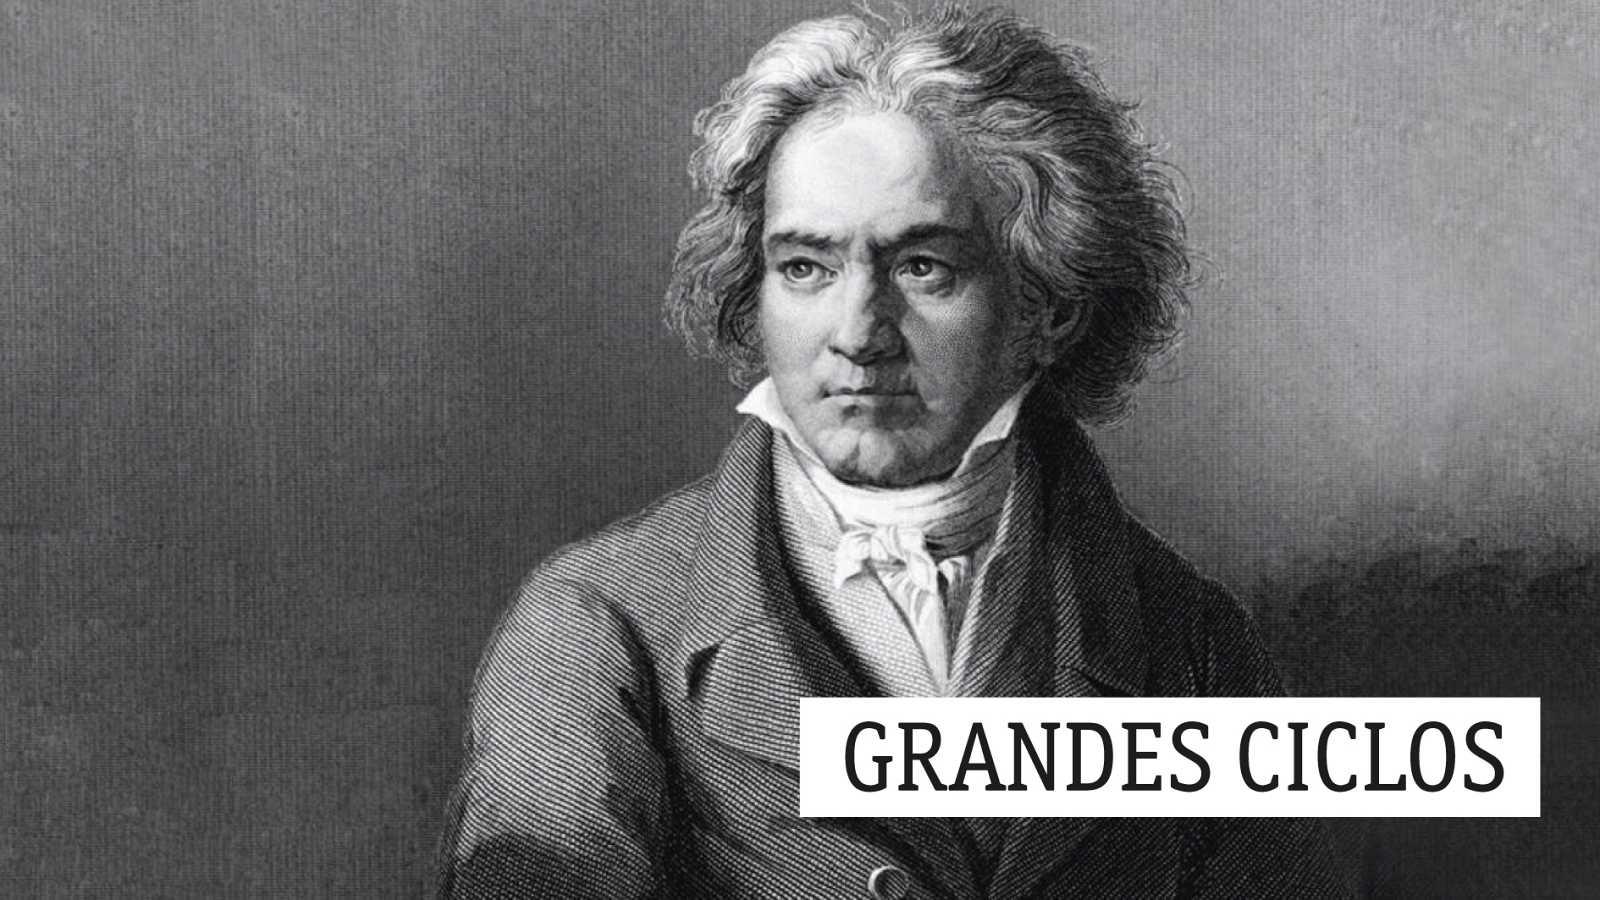 """Grandes ciclos - L. van Beethoven (LXXIX): La """"vanidad"""" del Barón de Trémont - 01/06/20 - escuchar ahora"""